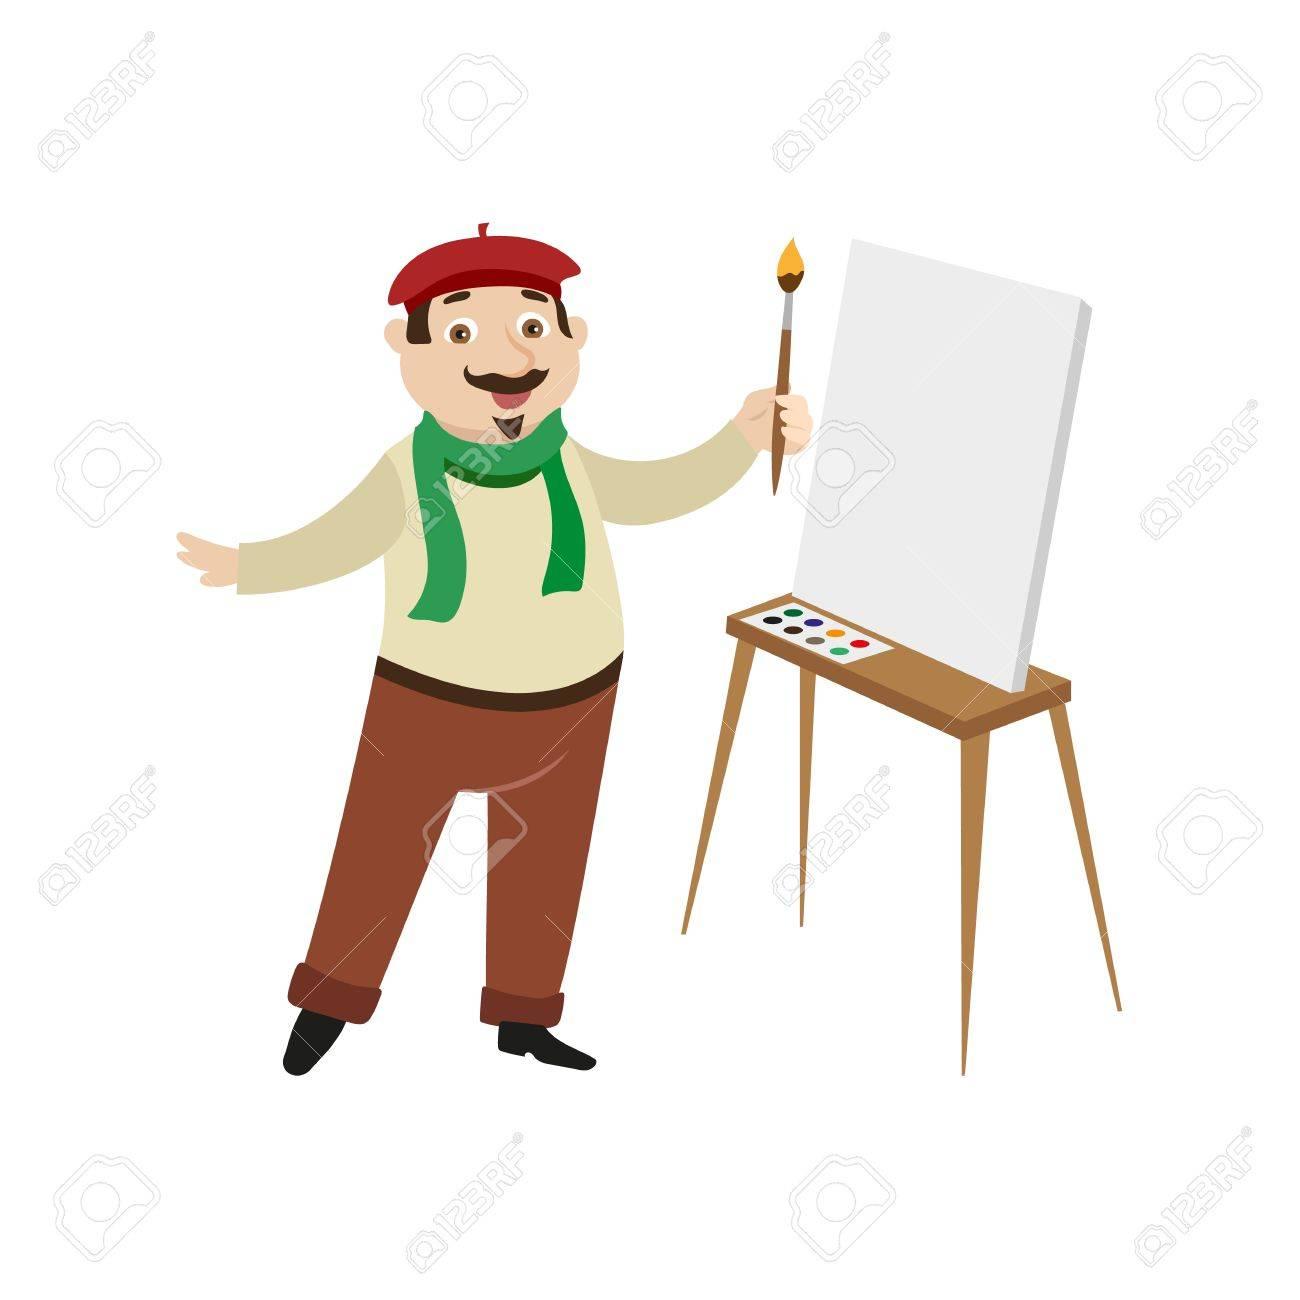 5772665d3cc Vector flat cartoon man artist painter wearing beret scarf mustache jpg  1300x1300 French artist hat cartoon